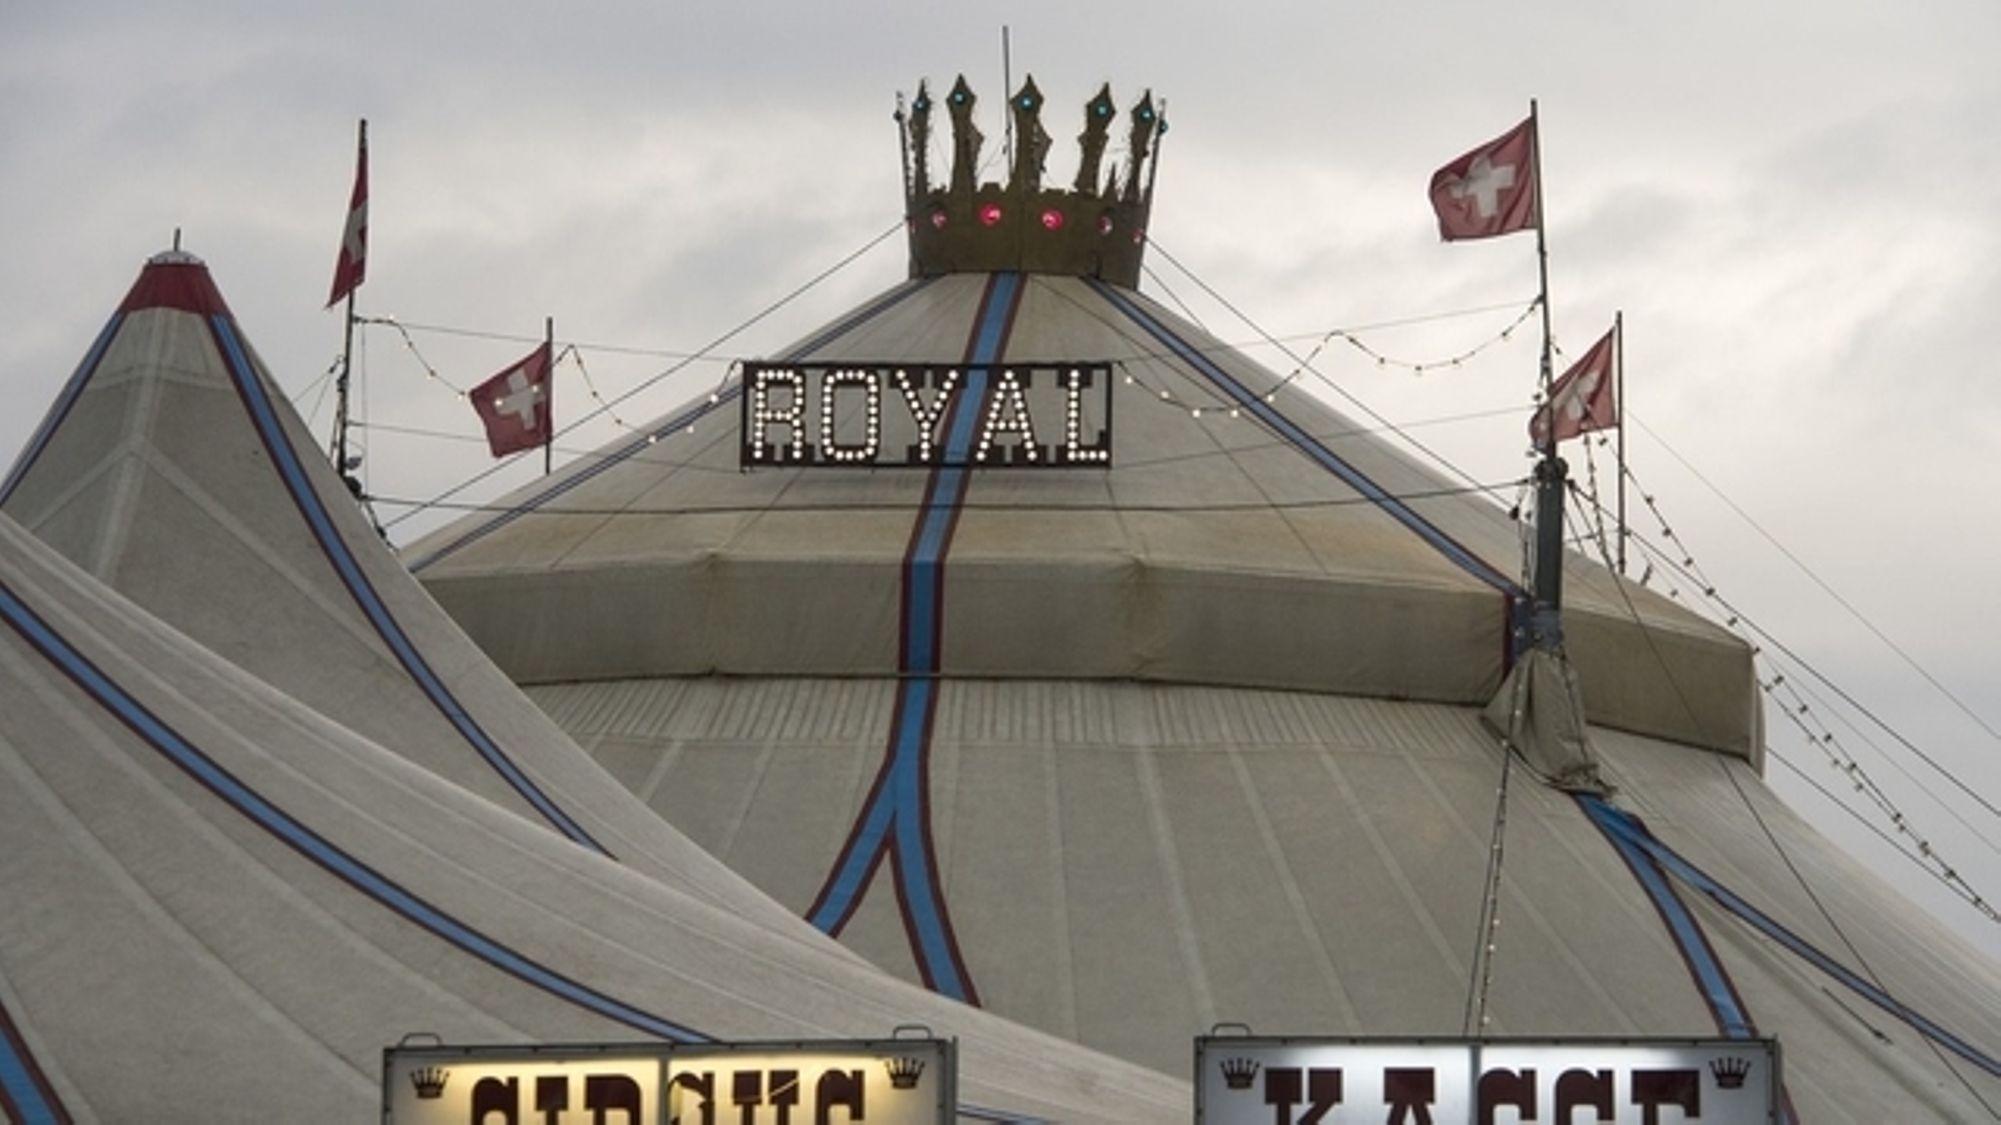 Der Circus Royal Ist Schon Wieder Pleite | Tages-Anzeiger über Schweizer Zirkus Kreuzworträtsel